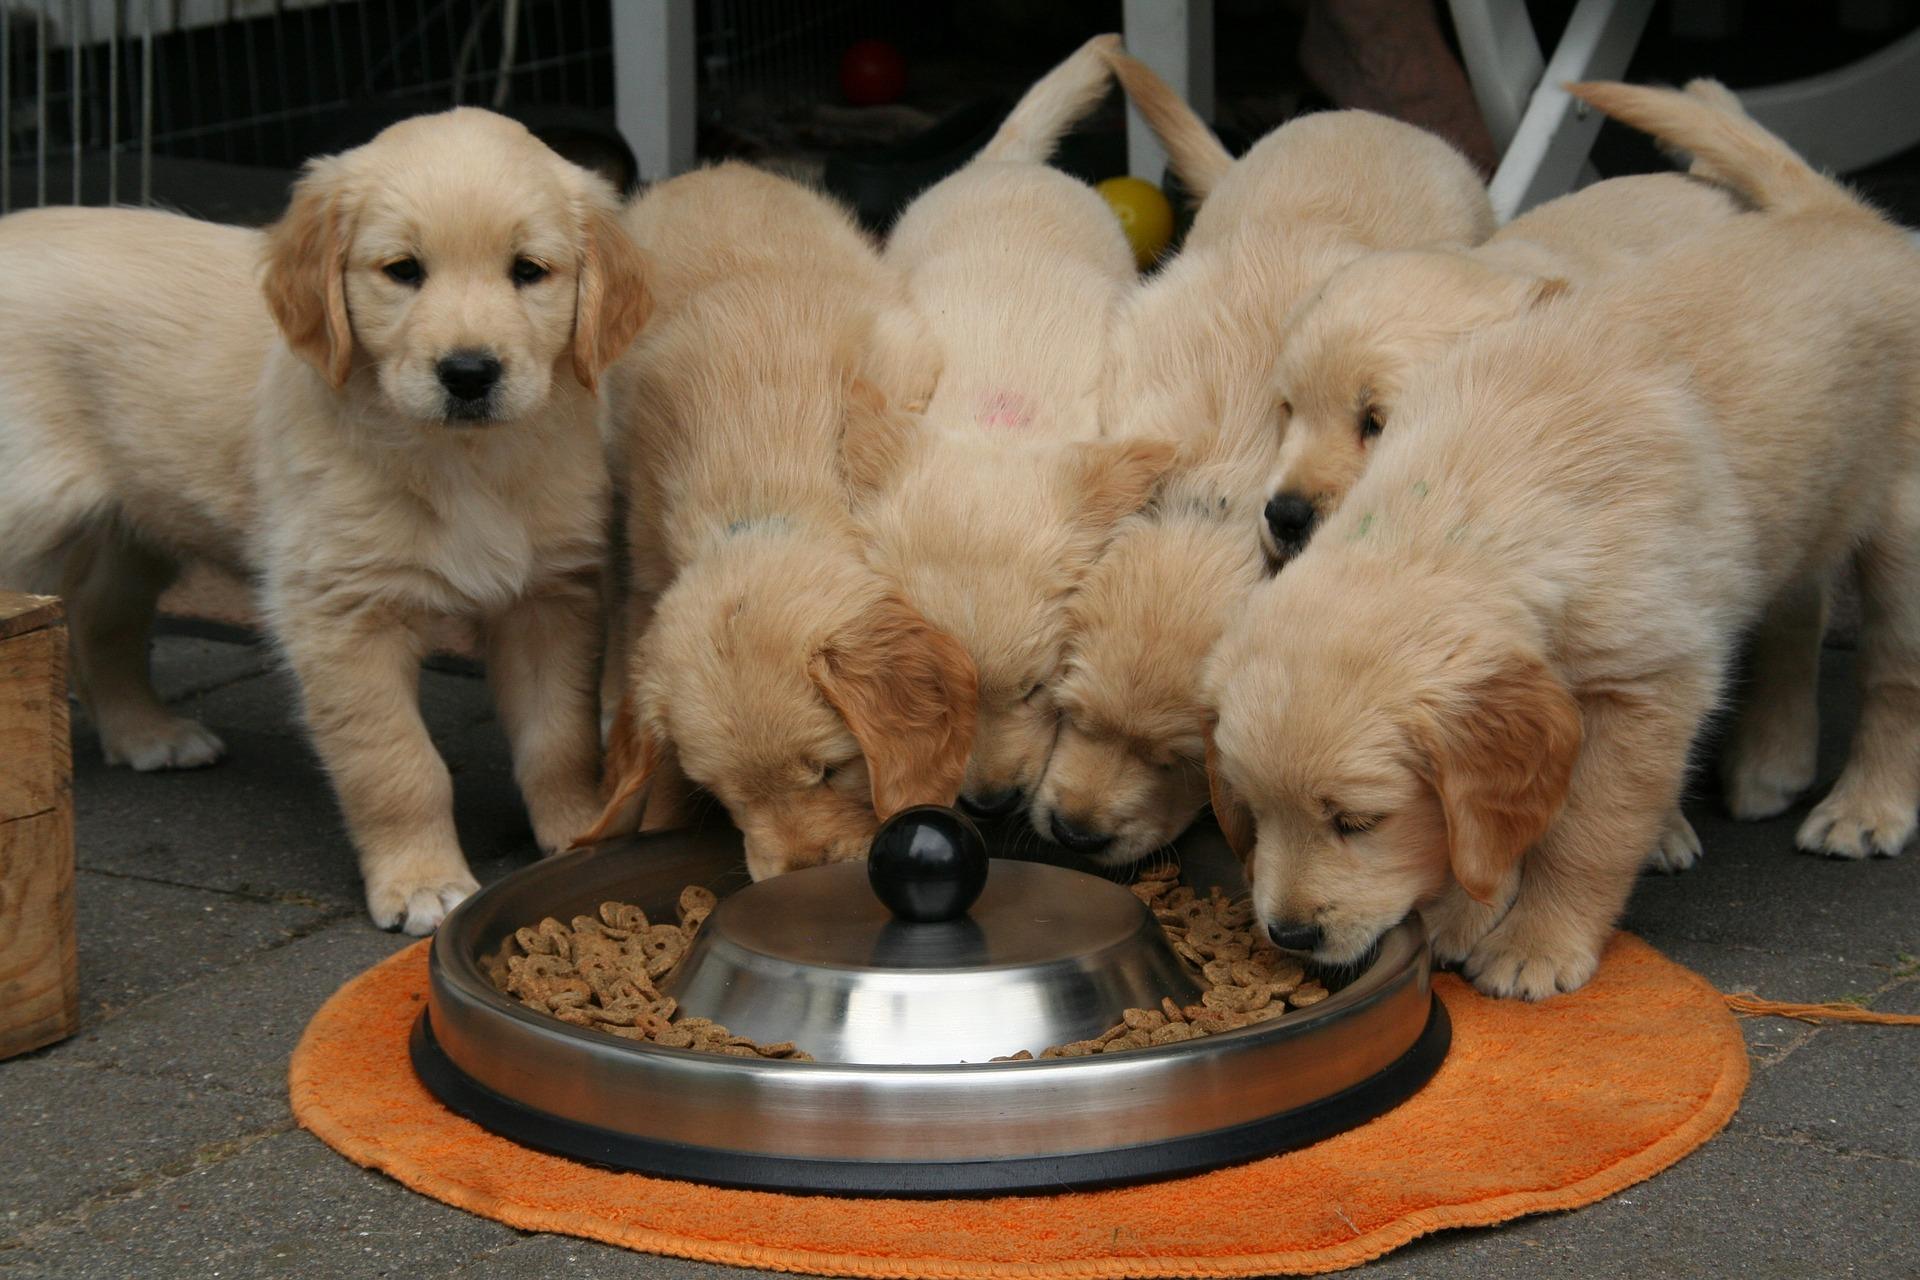 golden retriever puppies eating. per supplies at allpetsco